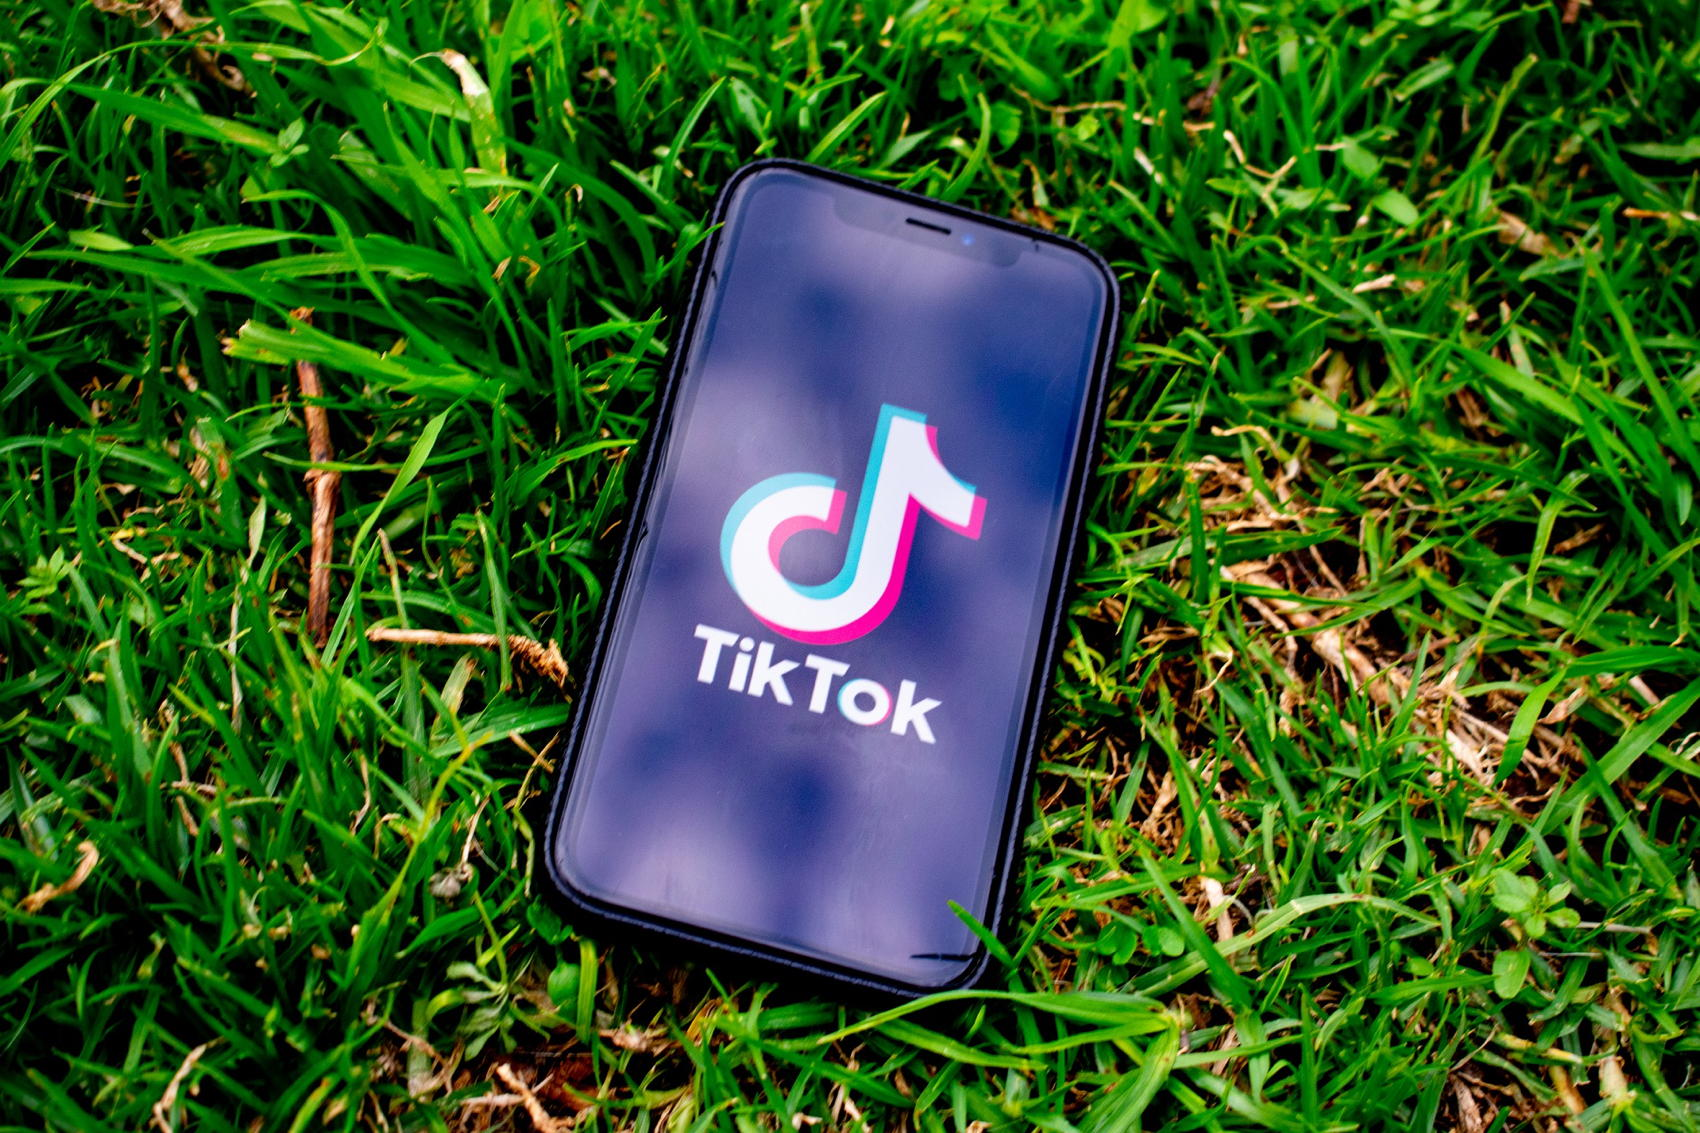 Phone With TikTok App - Image by Kon Zografos